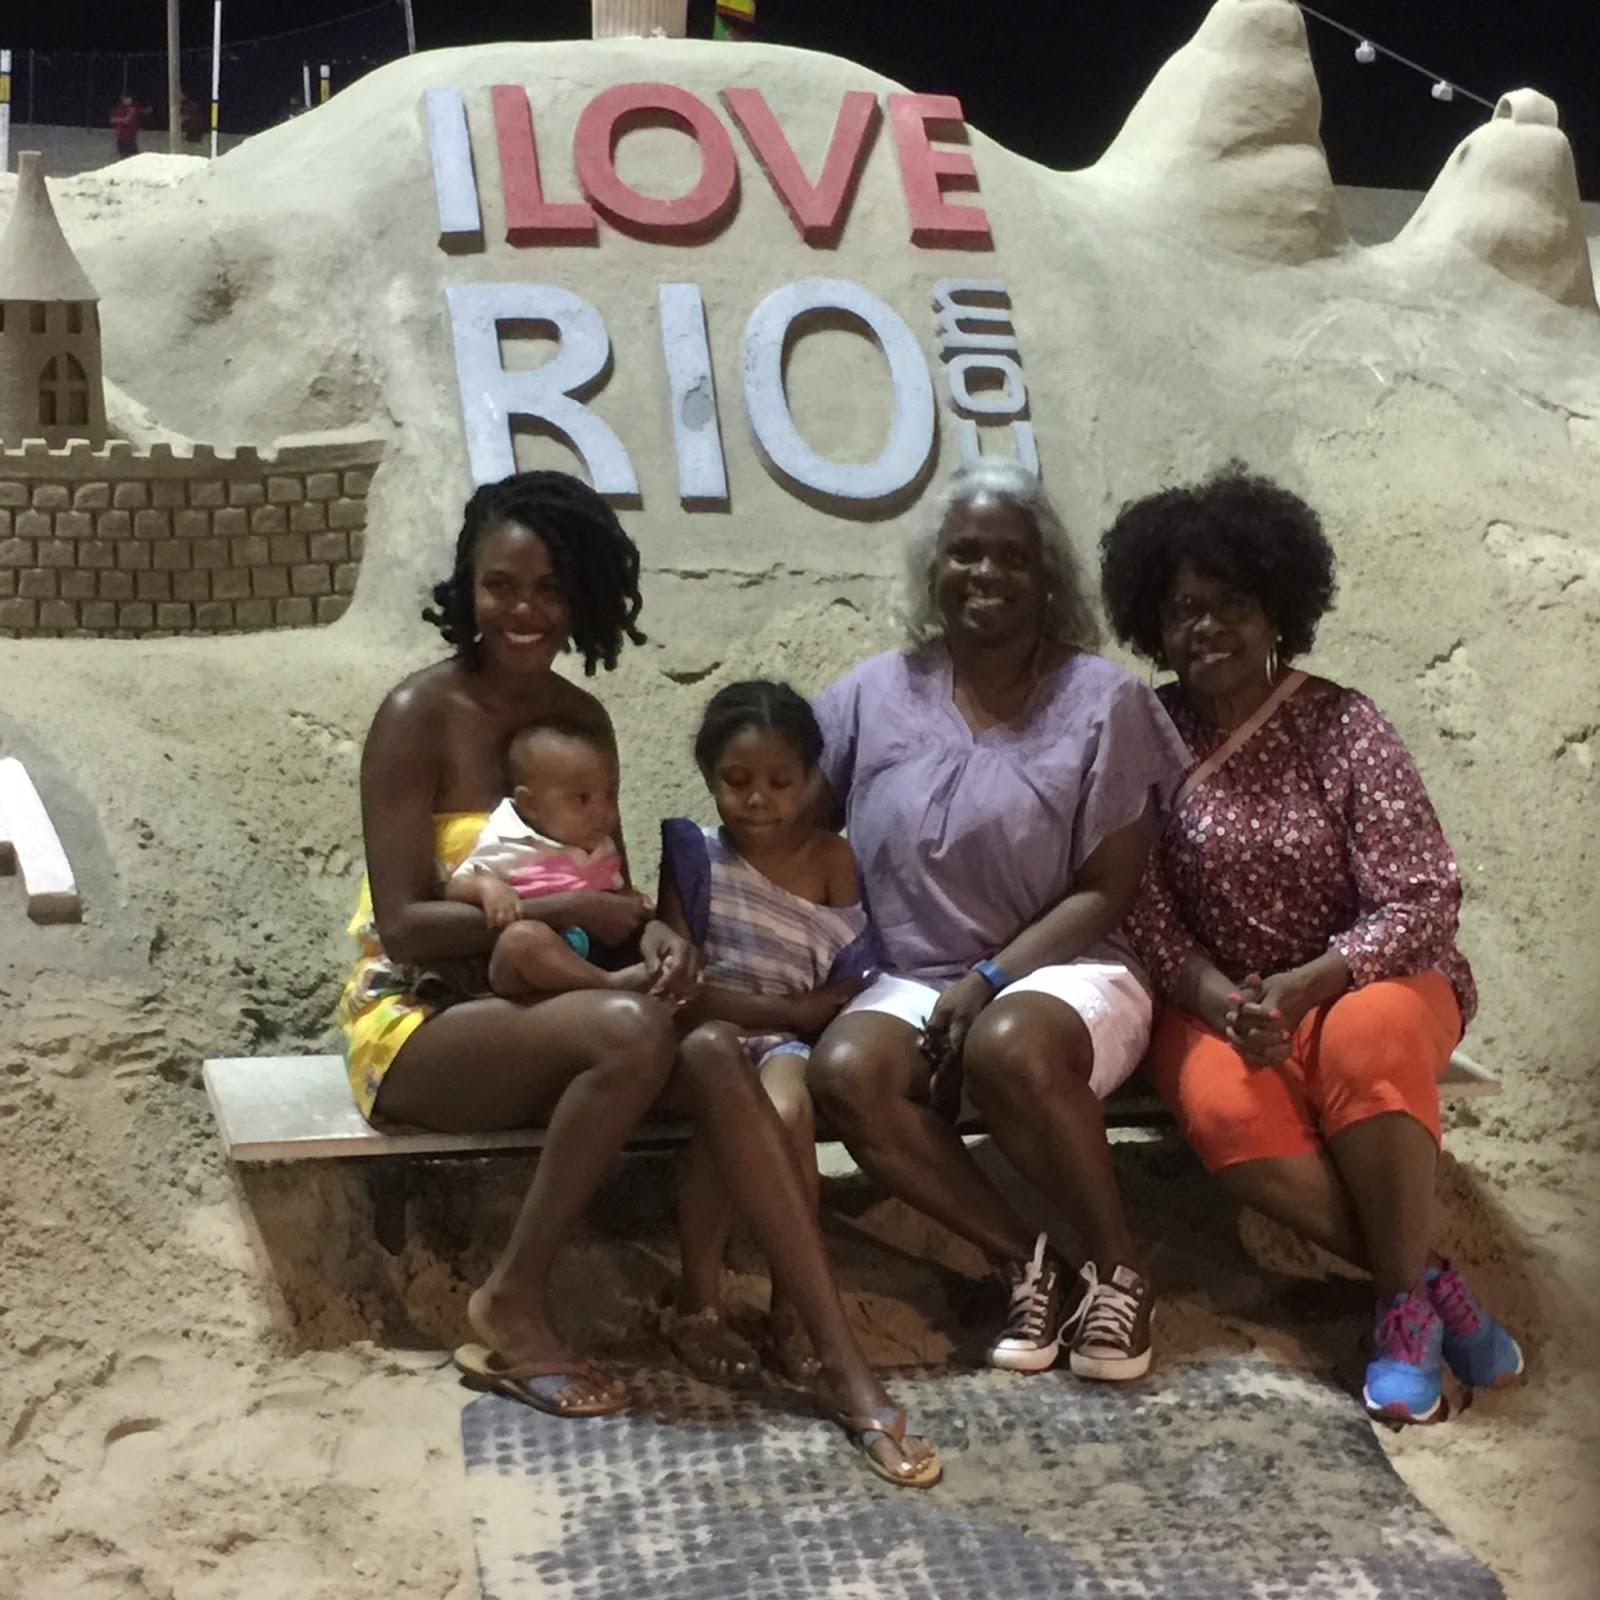 Rio: The View Through Their Eyes